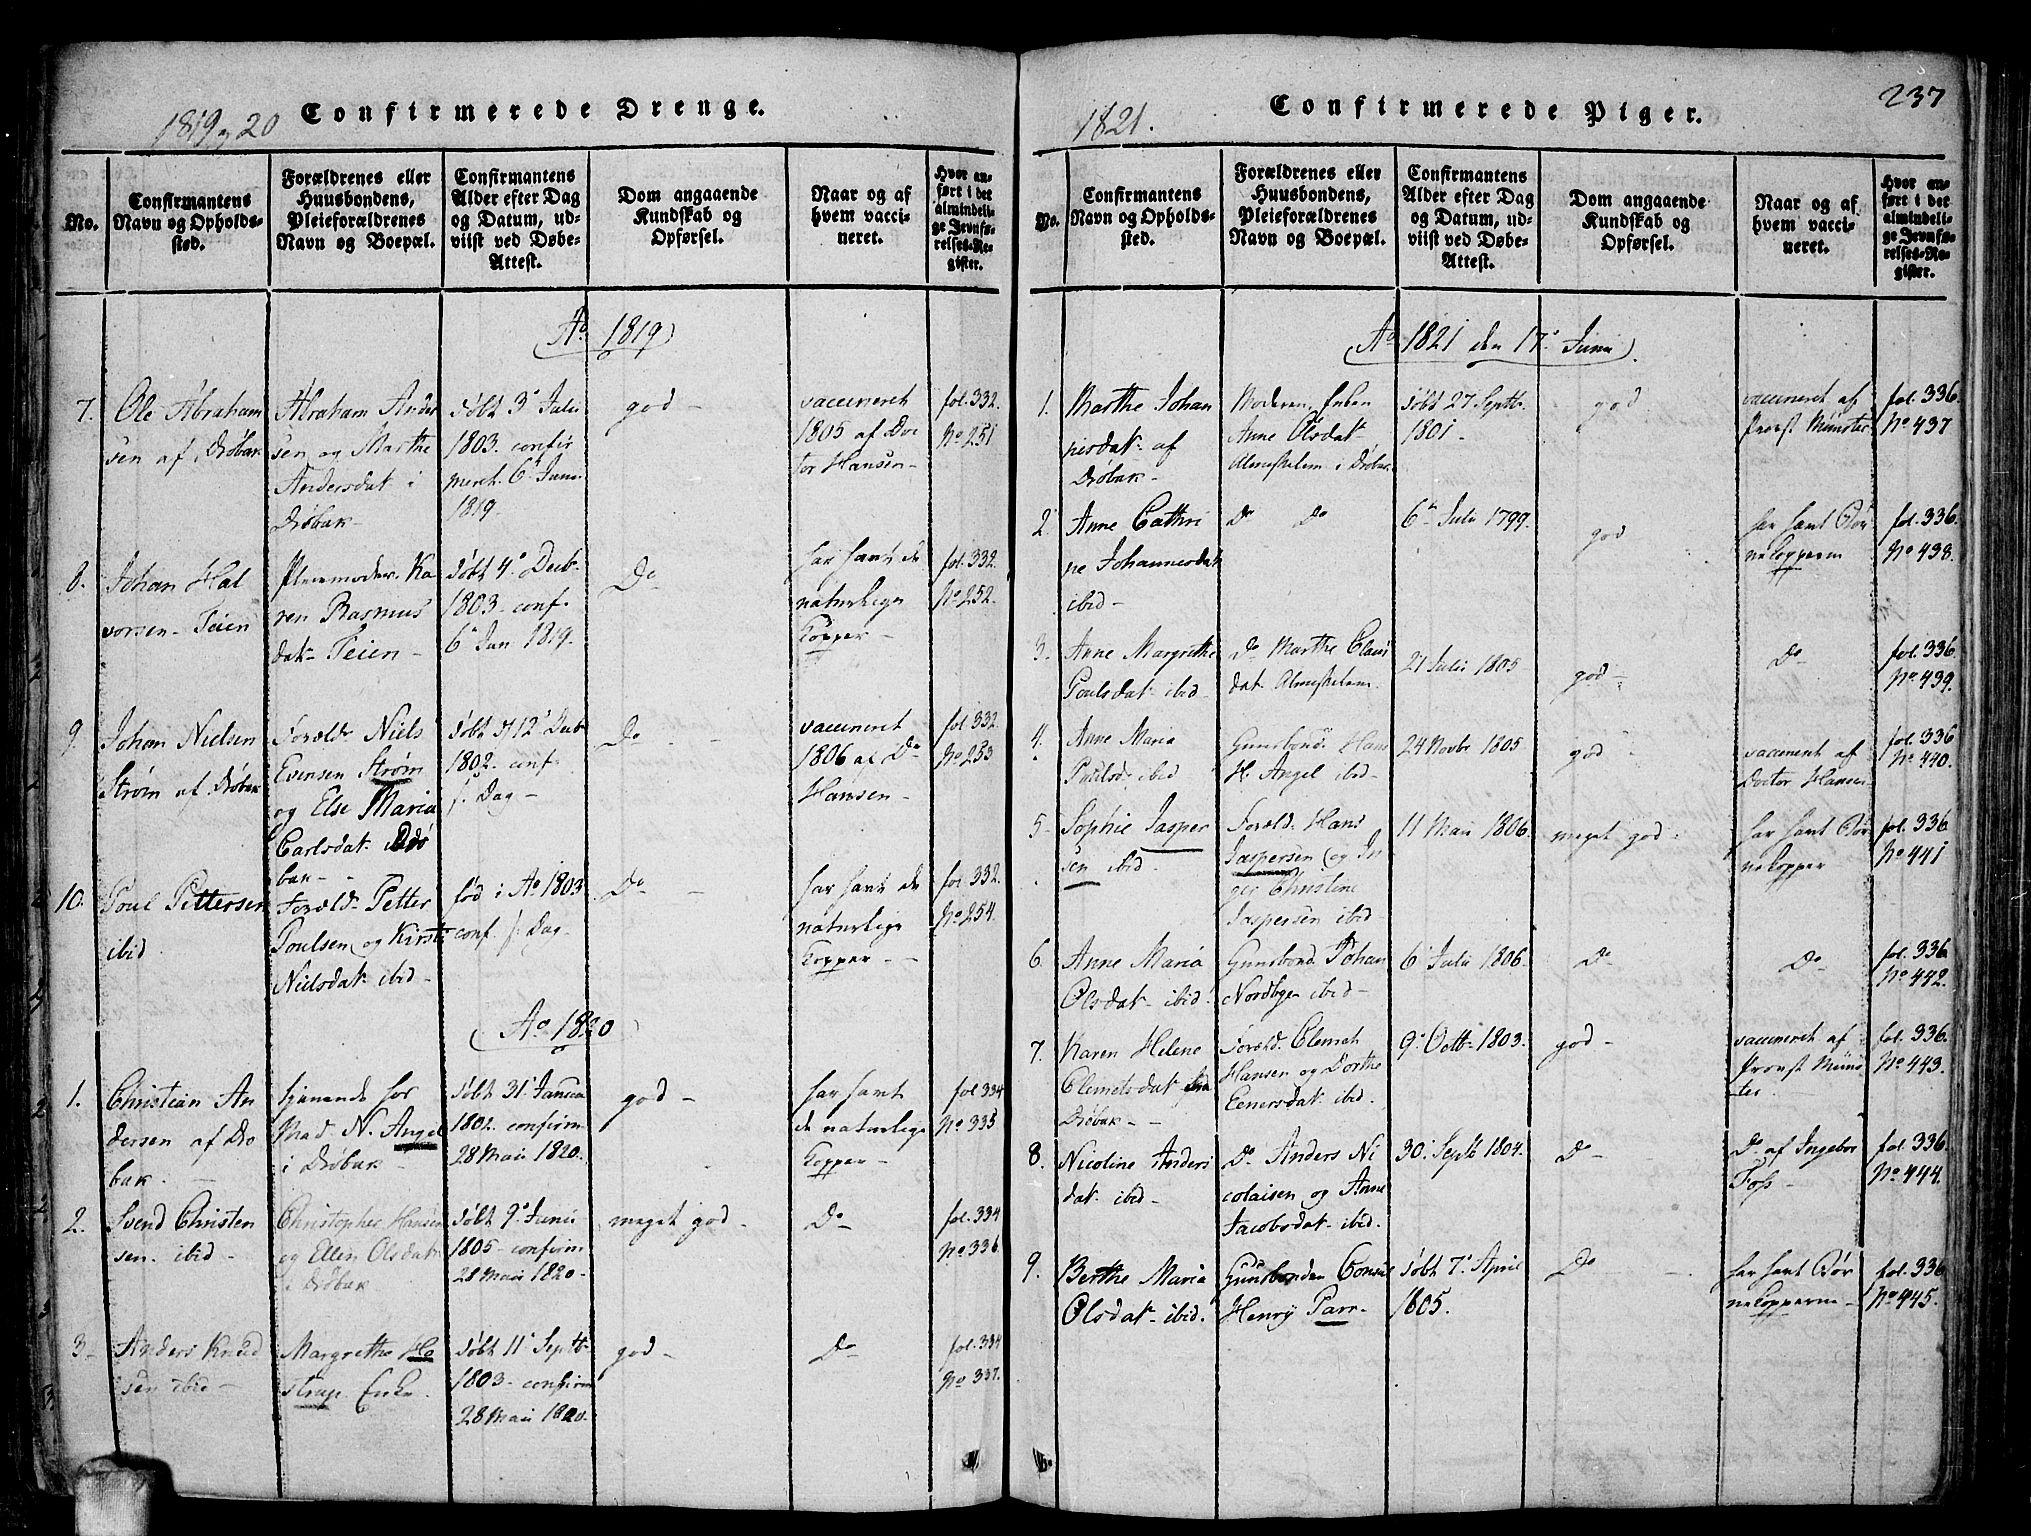 SAO, Drøbak prestekontor Kirkebøker, F/Fa/L0001: Ministerialbok nr. I 1, 1816-1842, s. 237